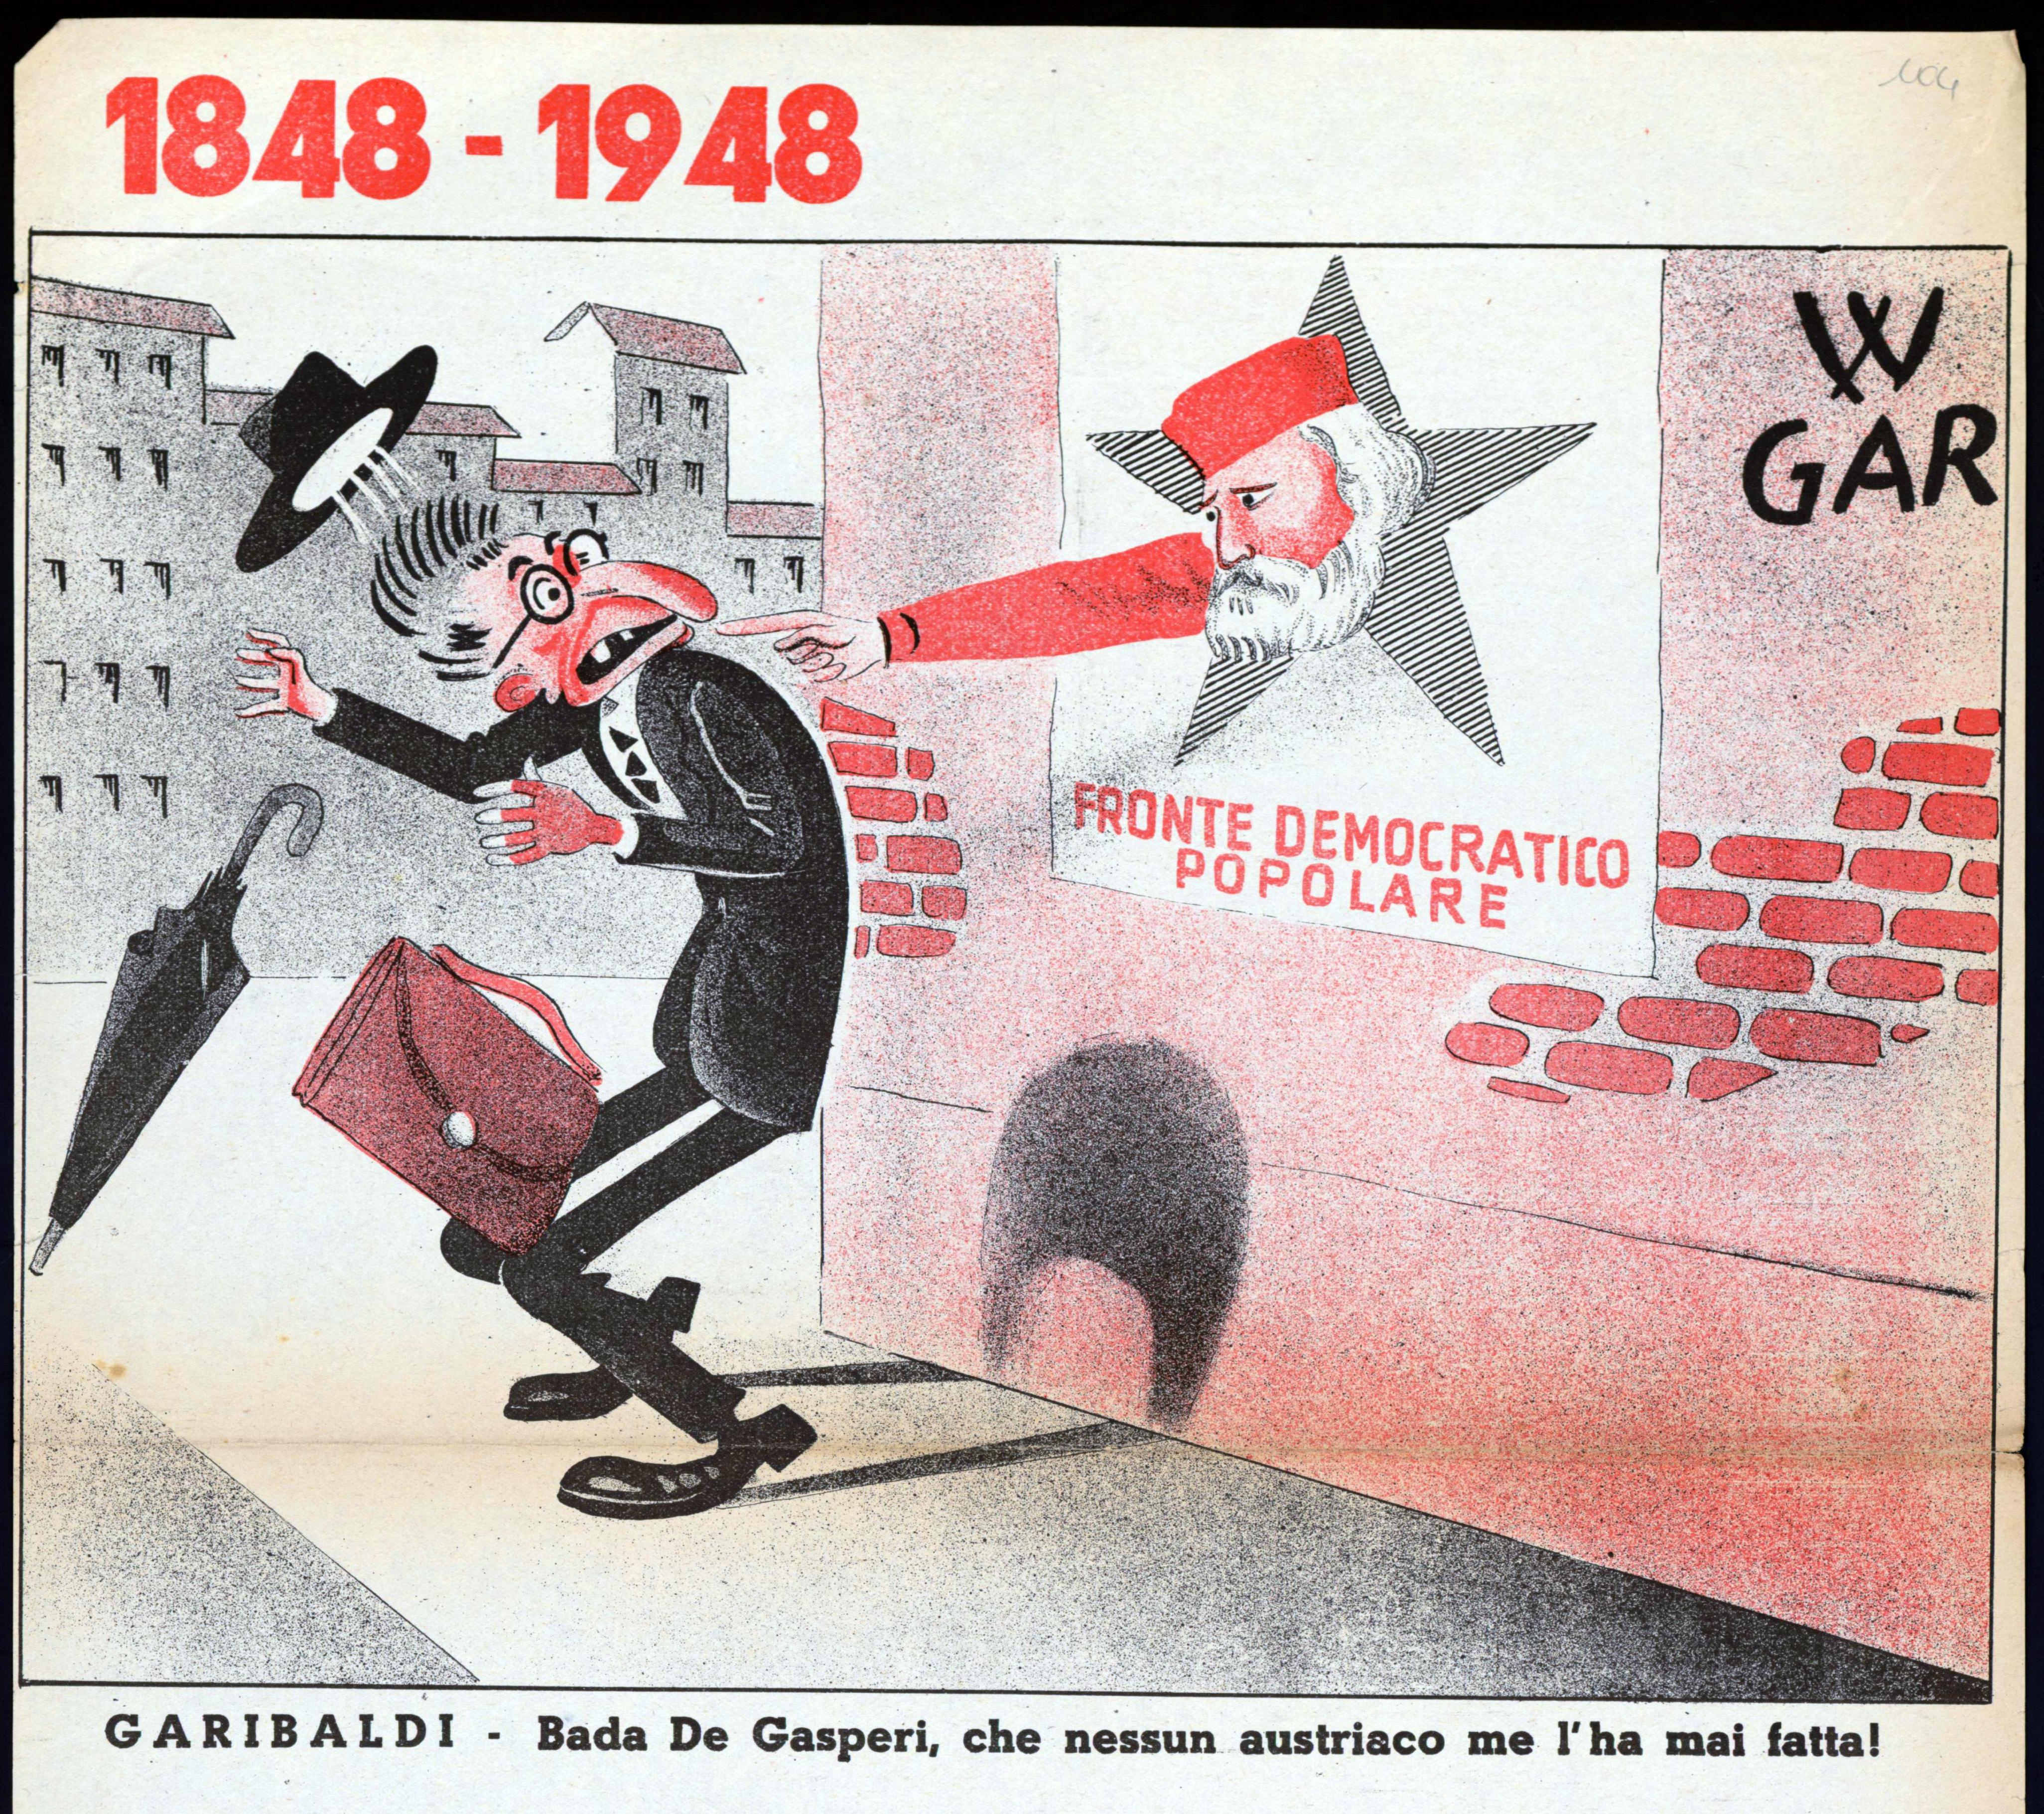 18 aprile 1948. La propaganda del Fronte democratico popolare propone diverse caricature del leader democristiano Alcide De Gasperi. In questa Garibaldi, simbolo del FDP, minaccia l'avversario, ricordando il suo passato nel parlamento dell'Impero austro-ungarico, quando la provincia di Trento non era ancora italiana.